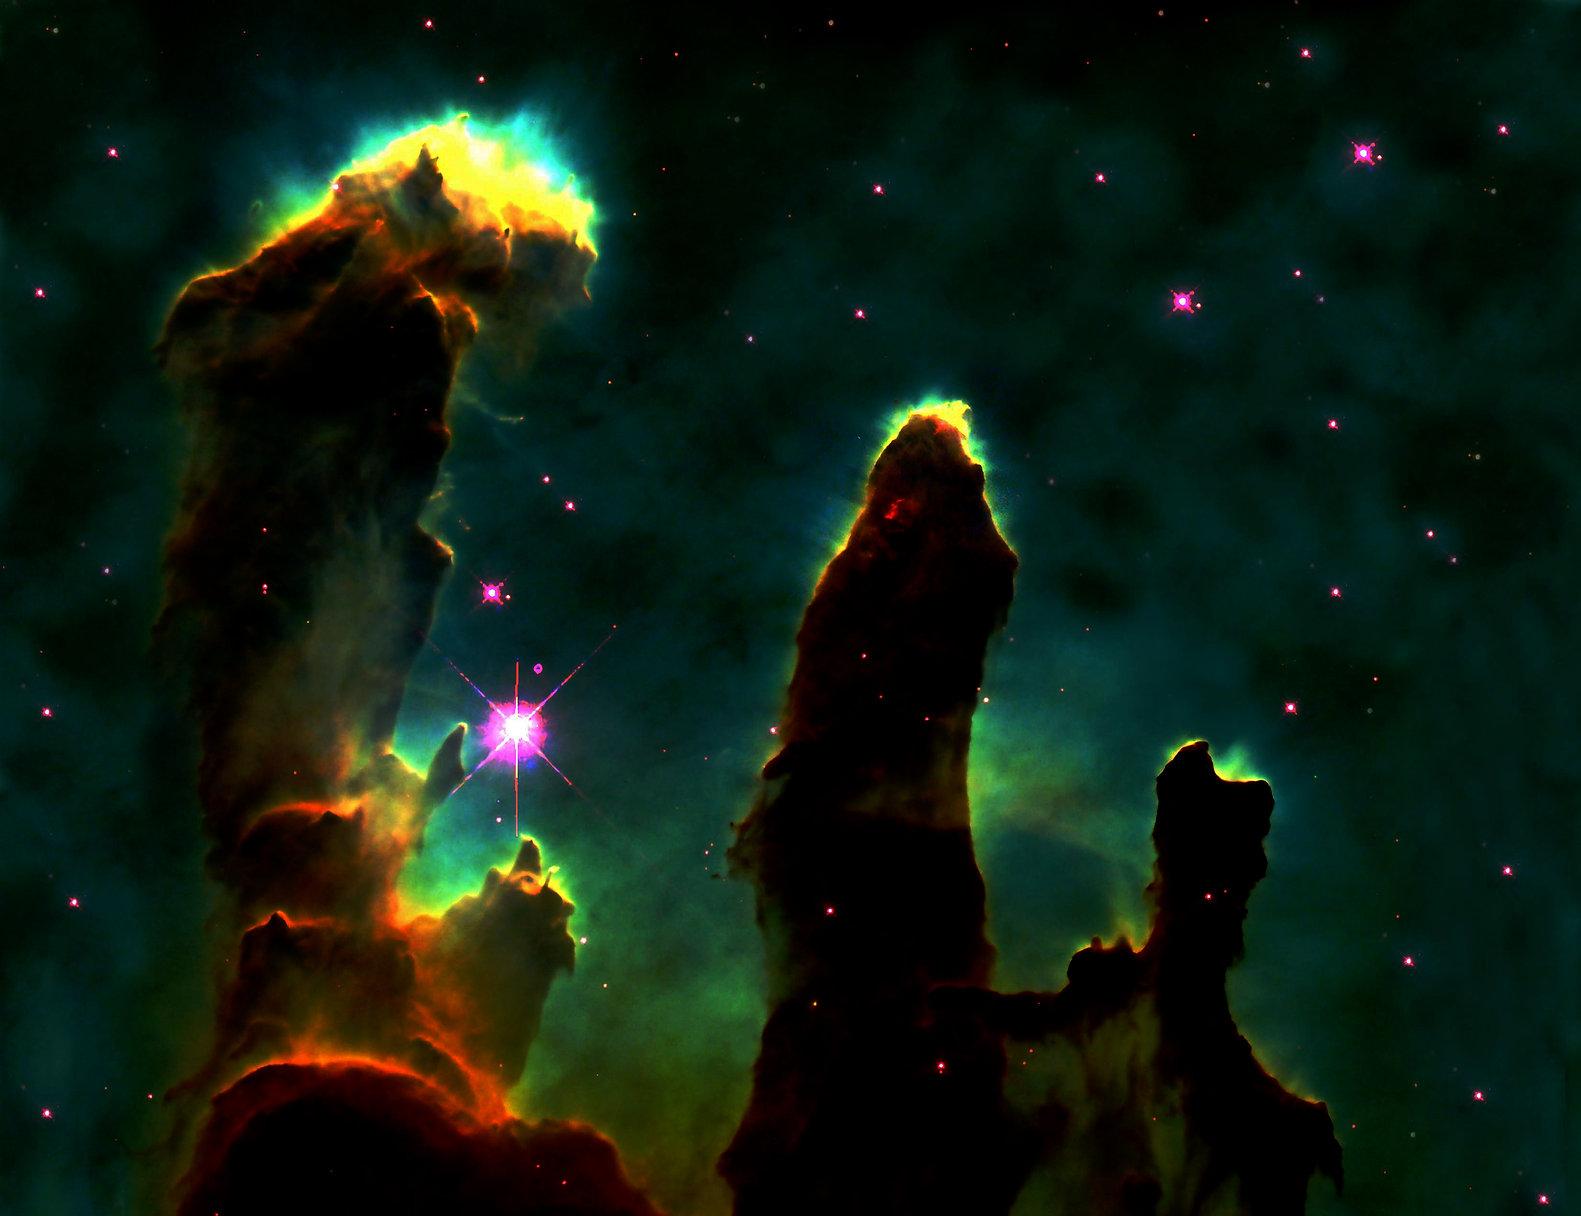 Eagle_nebula_pillars1.jpg